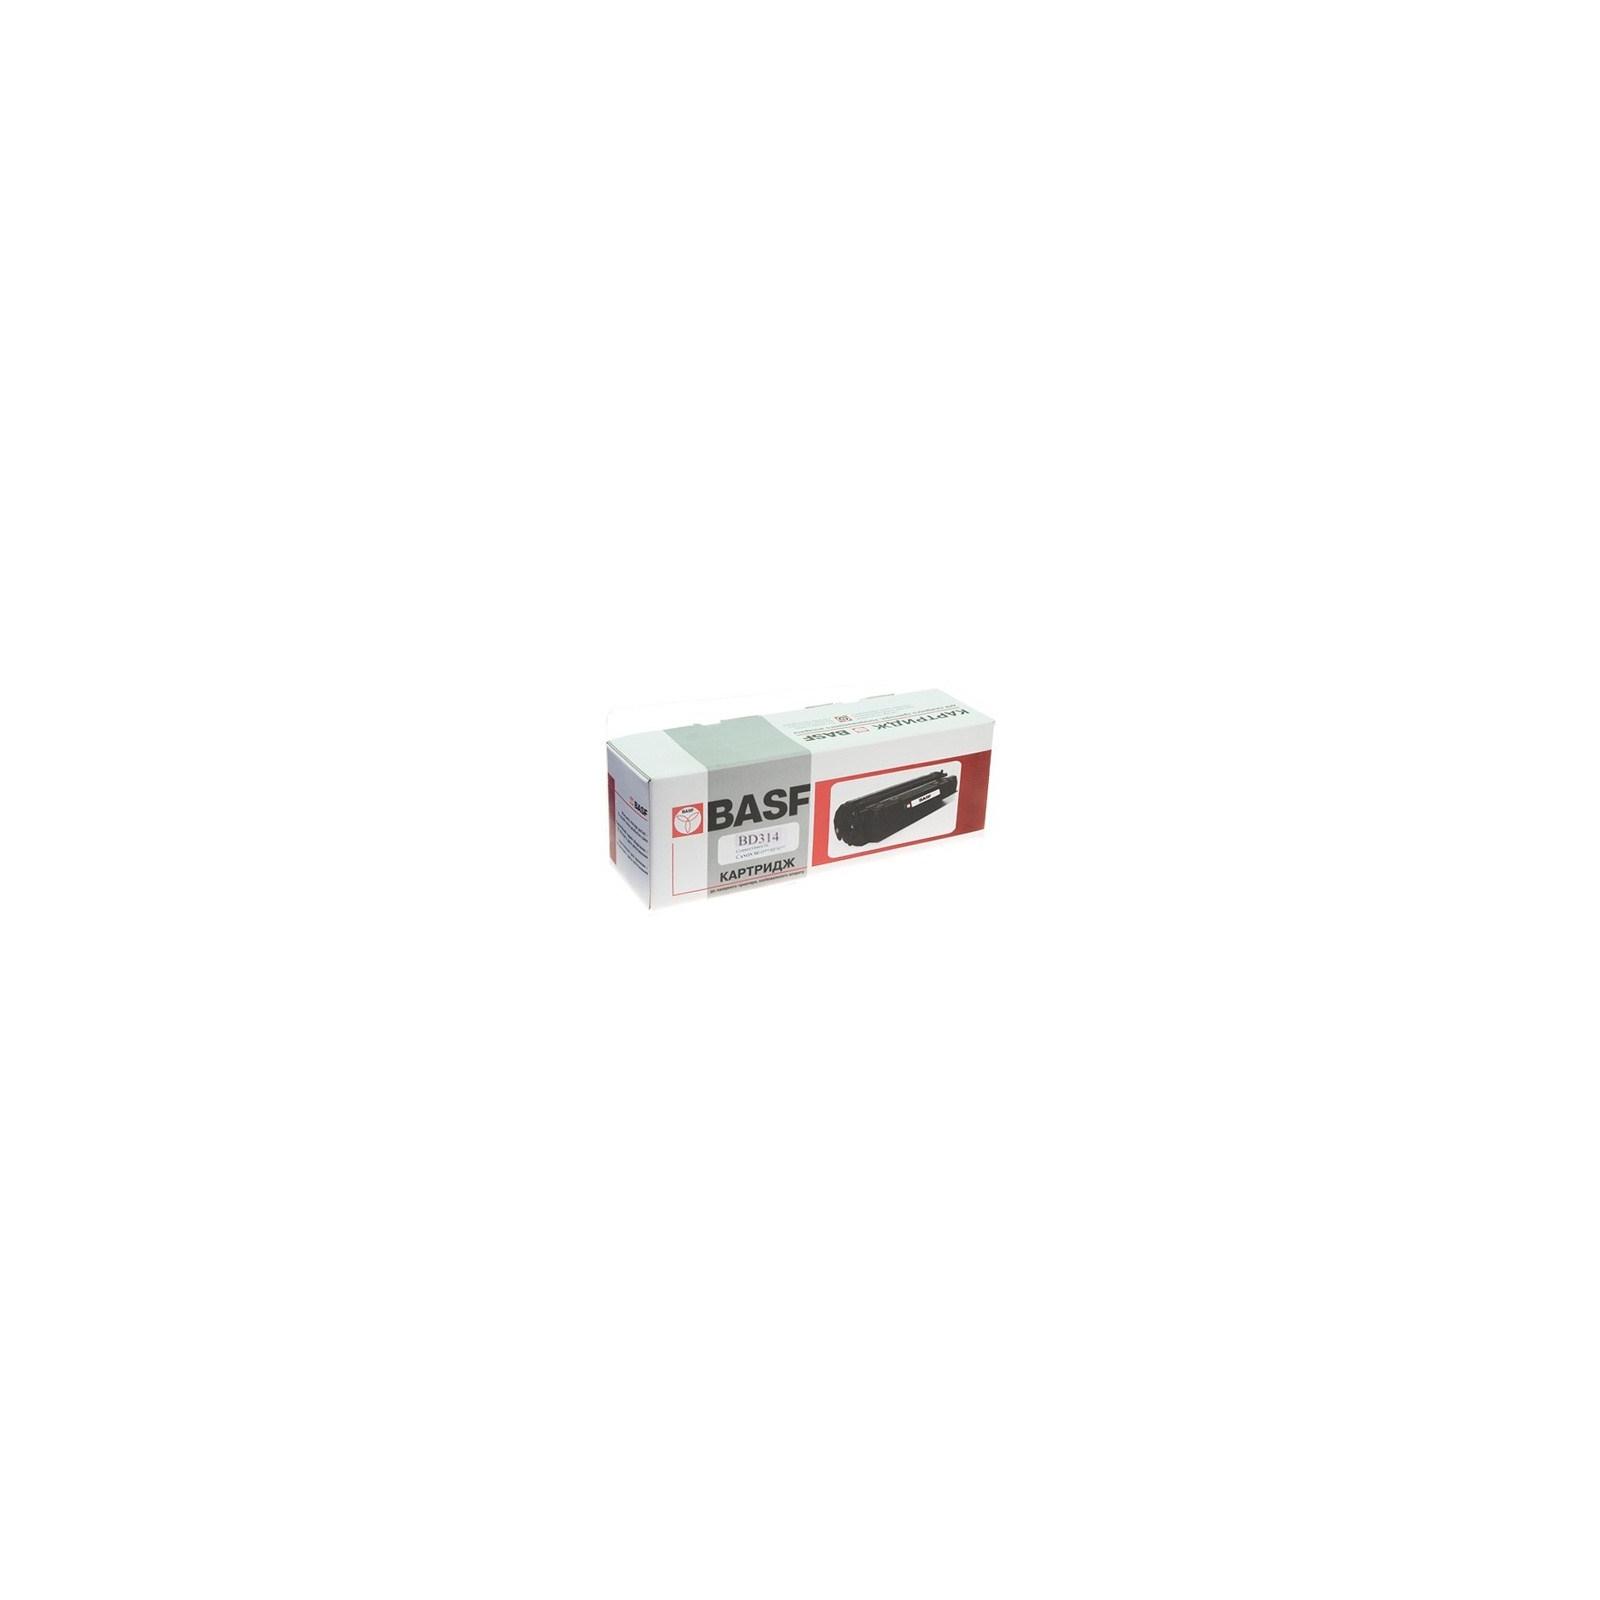 Картридж BASF для HP CLJ CP1025 (BD314)